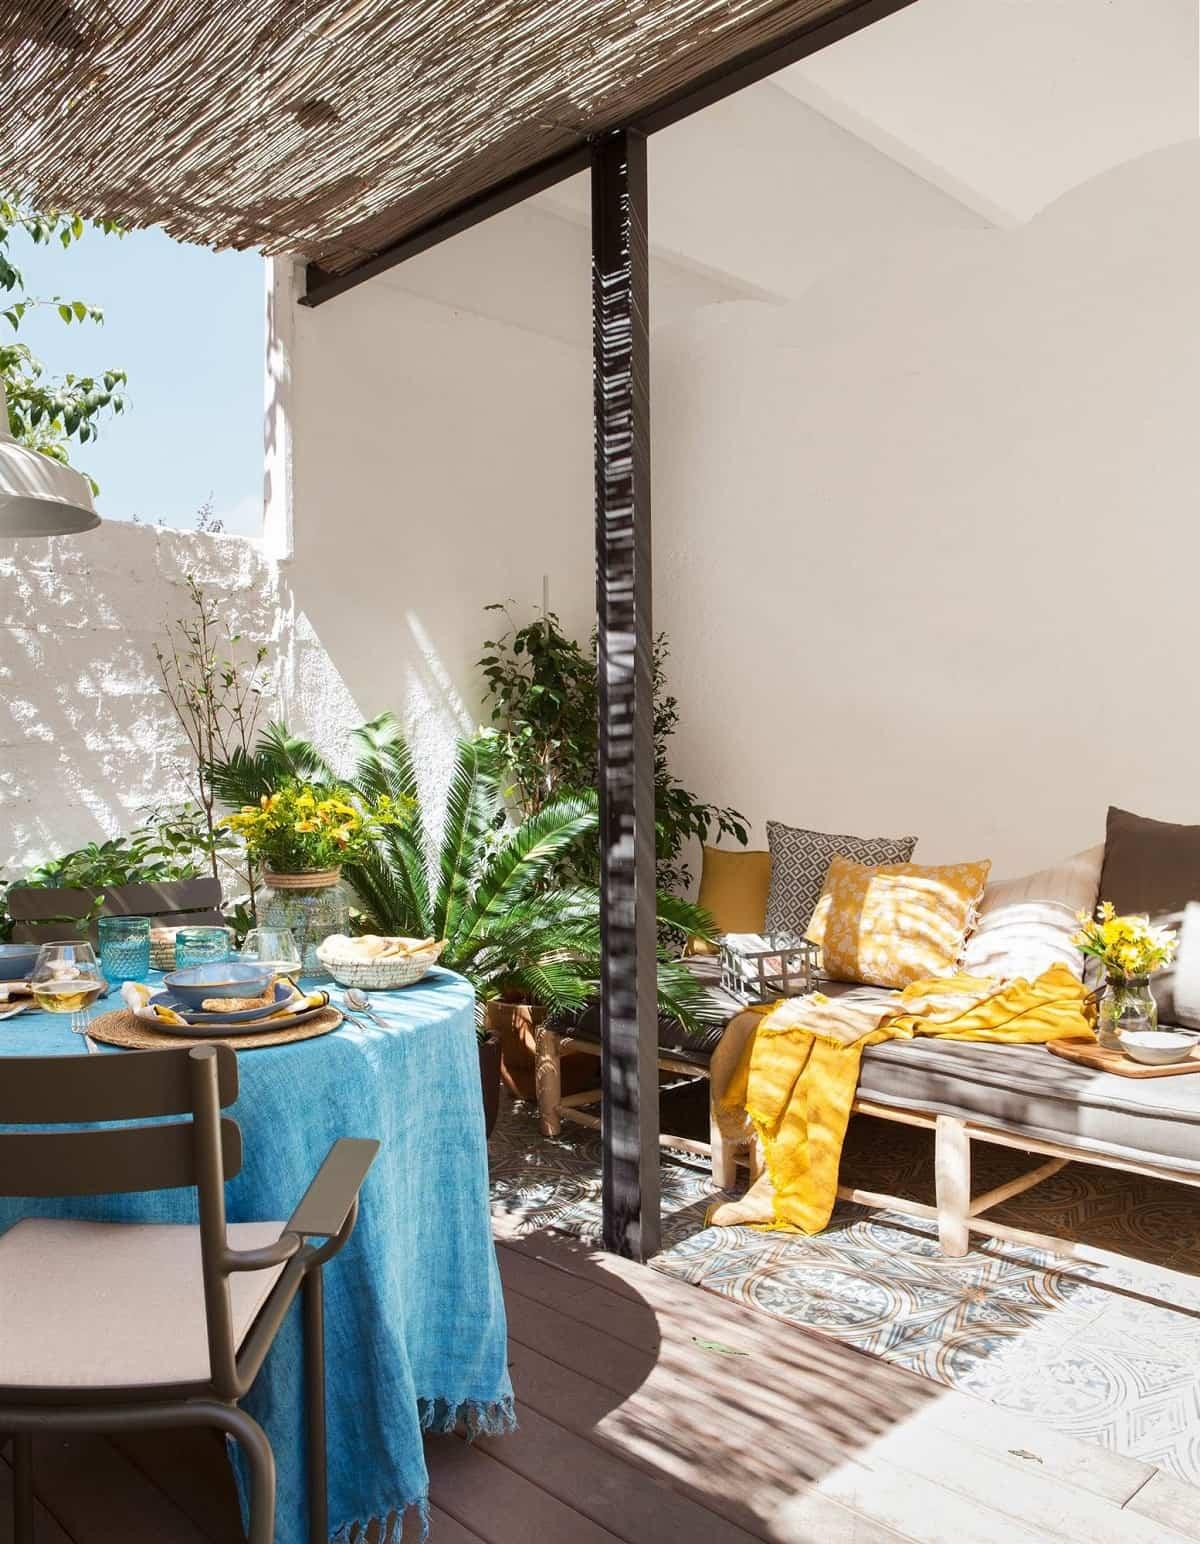 claves para elegir las mejores telas de exterior para la terraza 4